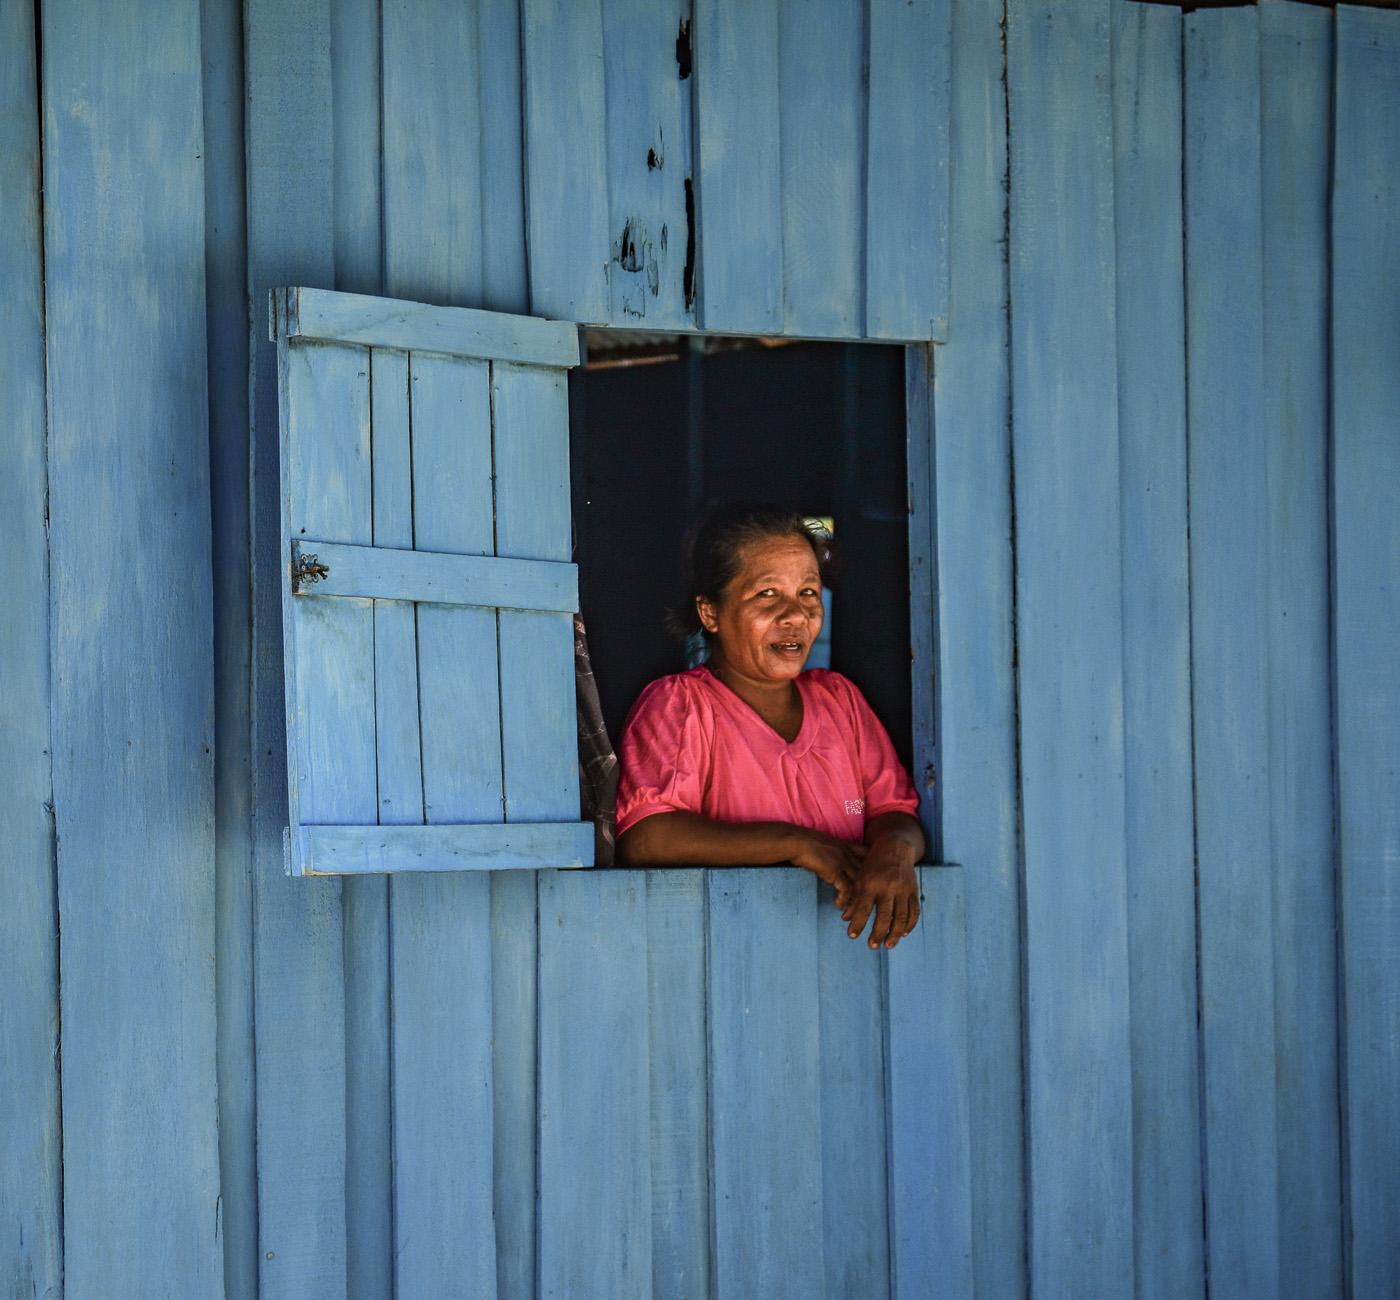 Indonesien Reise Fotografie Traven Portrait Reportage Photography Borneo